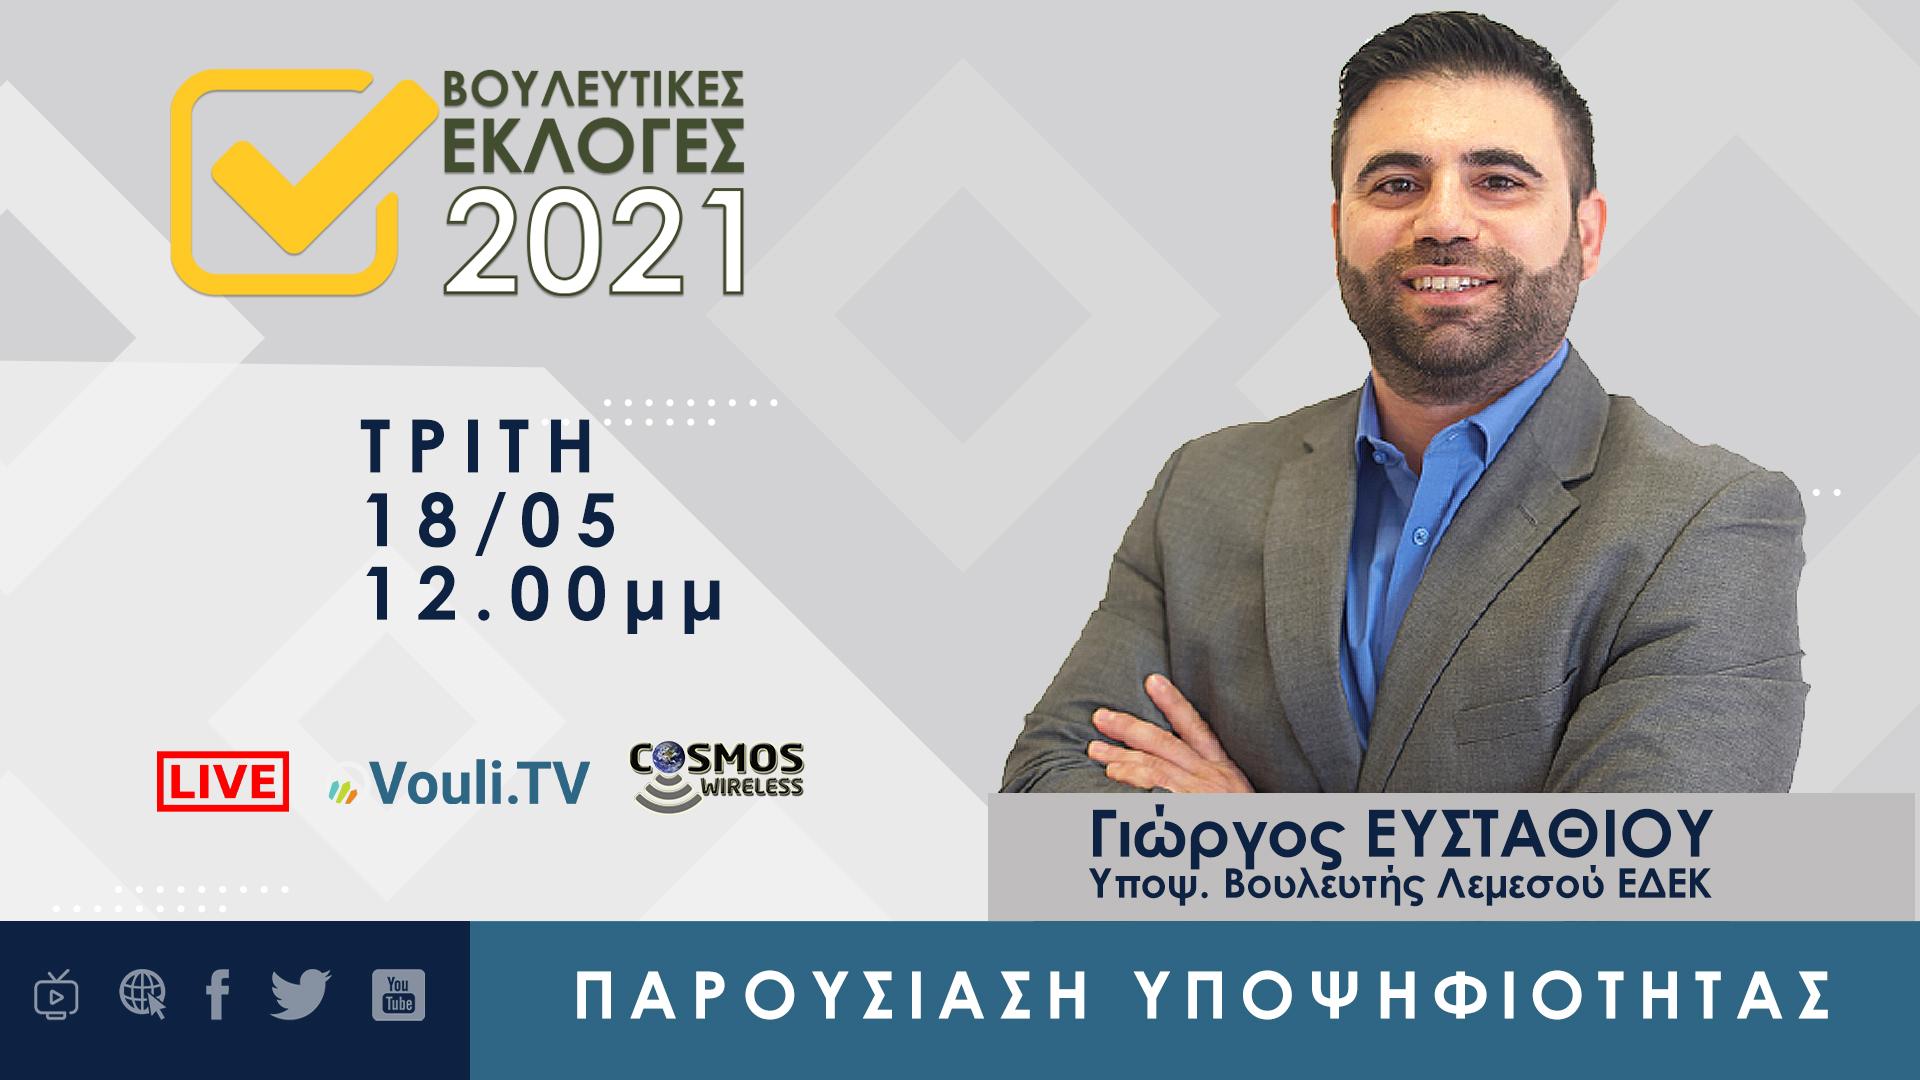 Εκλογές 2021   Γιώργος Ευσταθίου ΕΔΕΚ – 18/05/2021 @12μμ